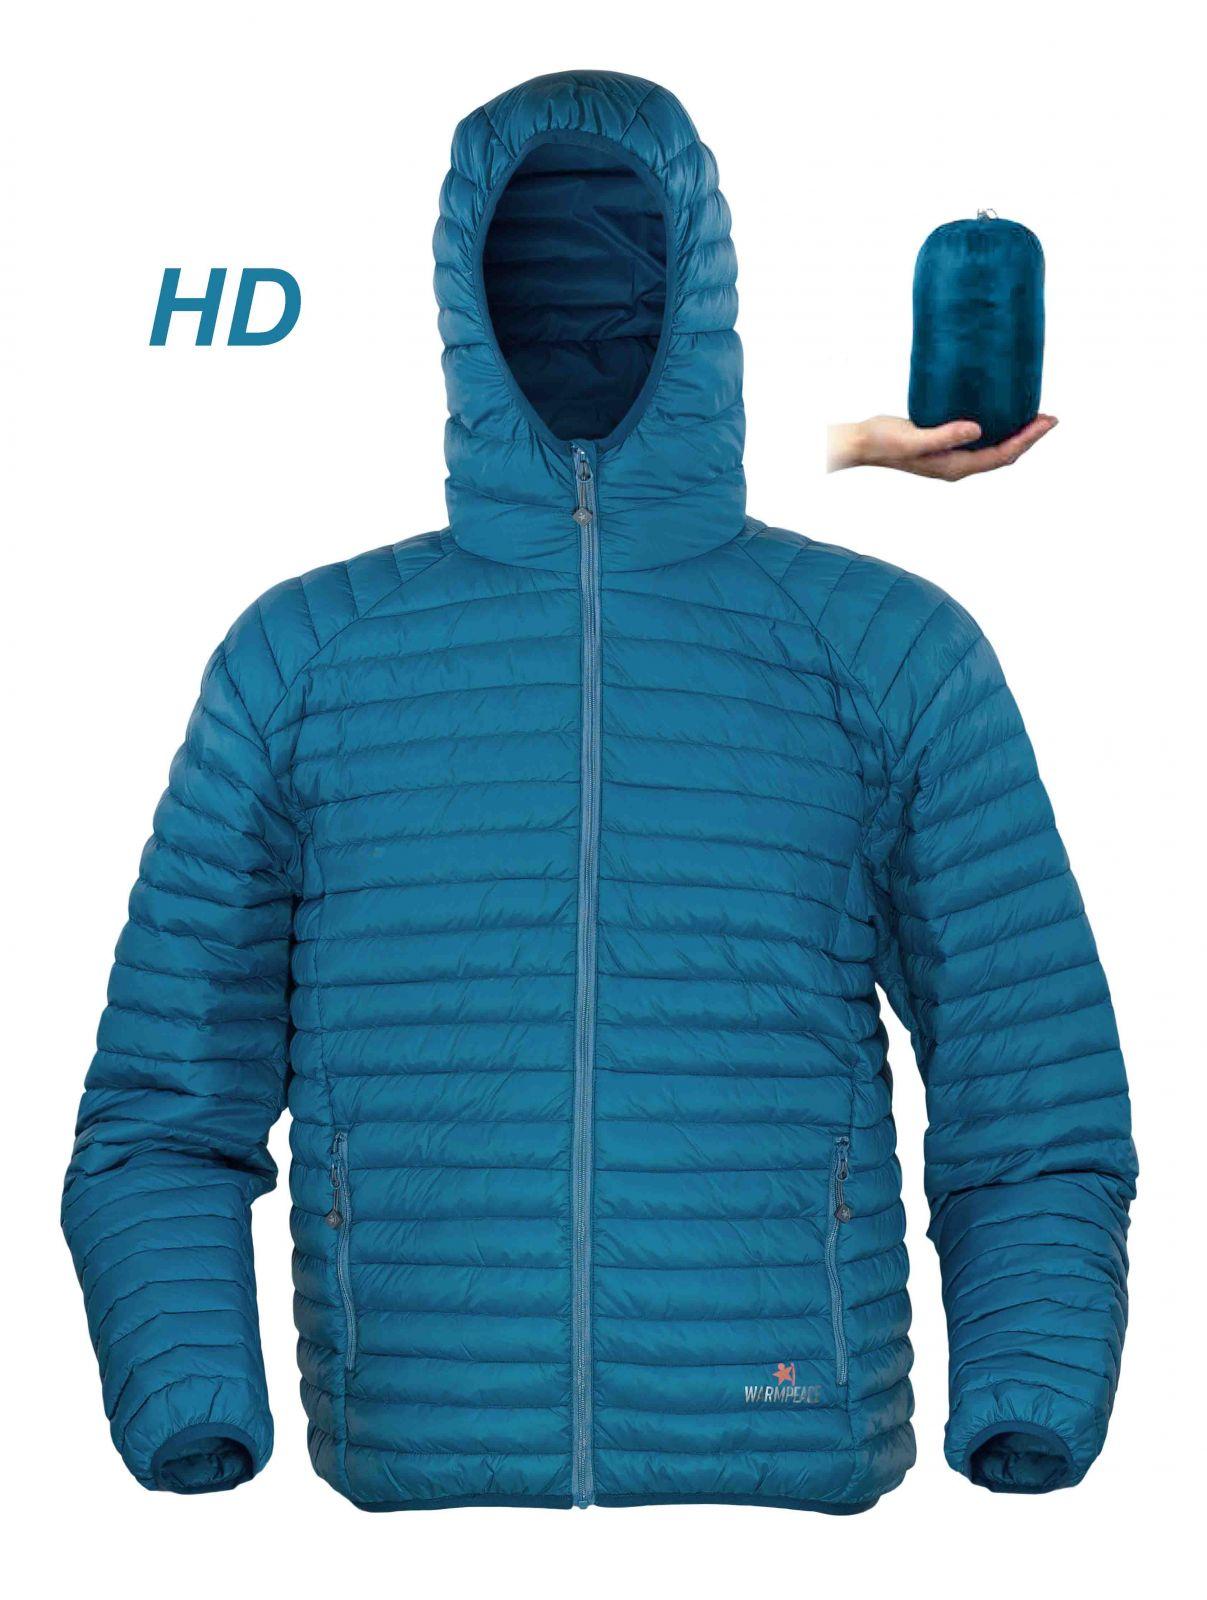 Tazz-Sport - Warmpeace Nordvik HD blue